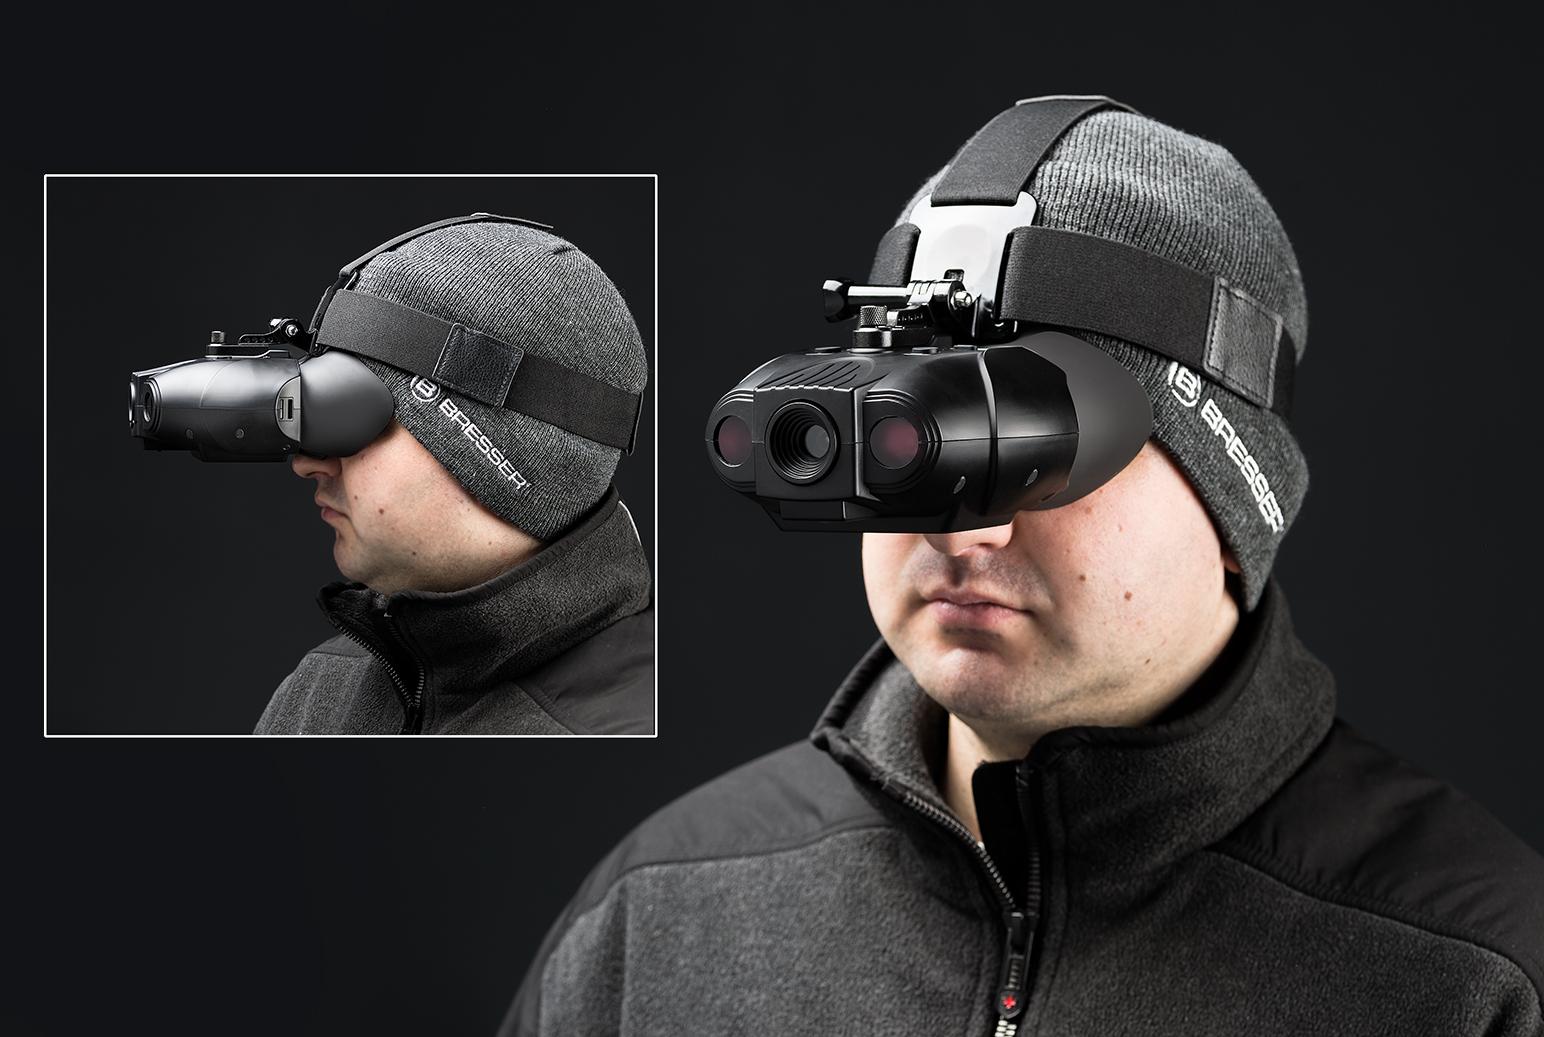 Bresser digital nv binokular mit kopfhalterung bresser